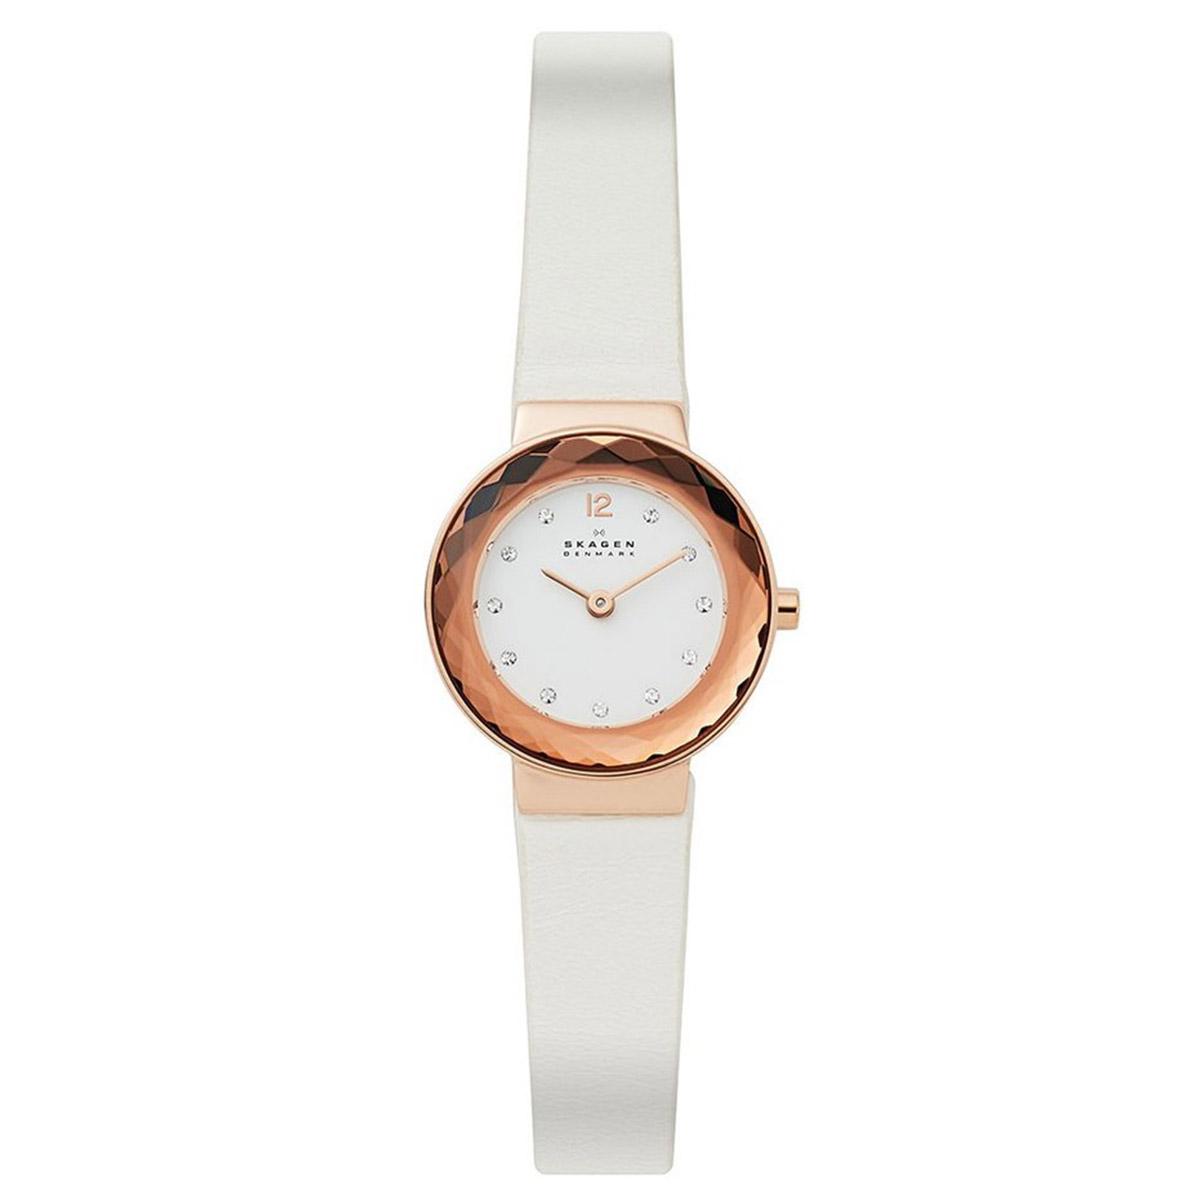 時計 腕時計 送料無料 セール商品 全品送料無料 スカーゲン レディース LEONORA SKAGEN 格安激安 SKW2769